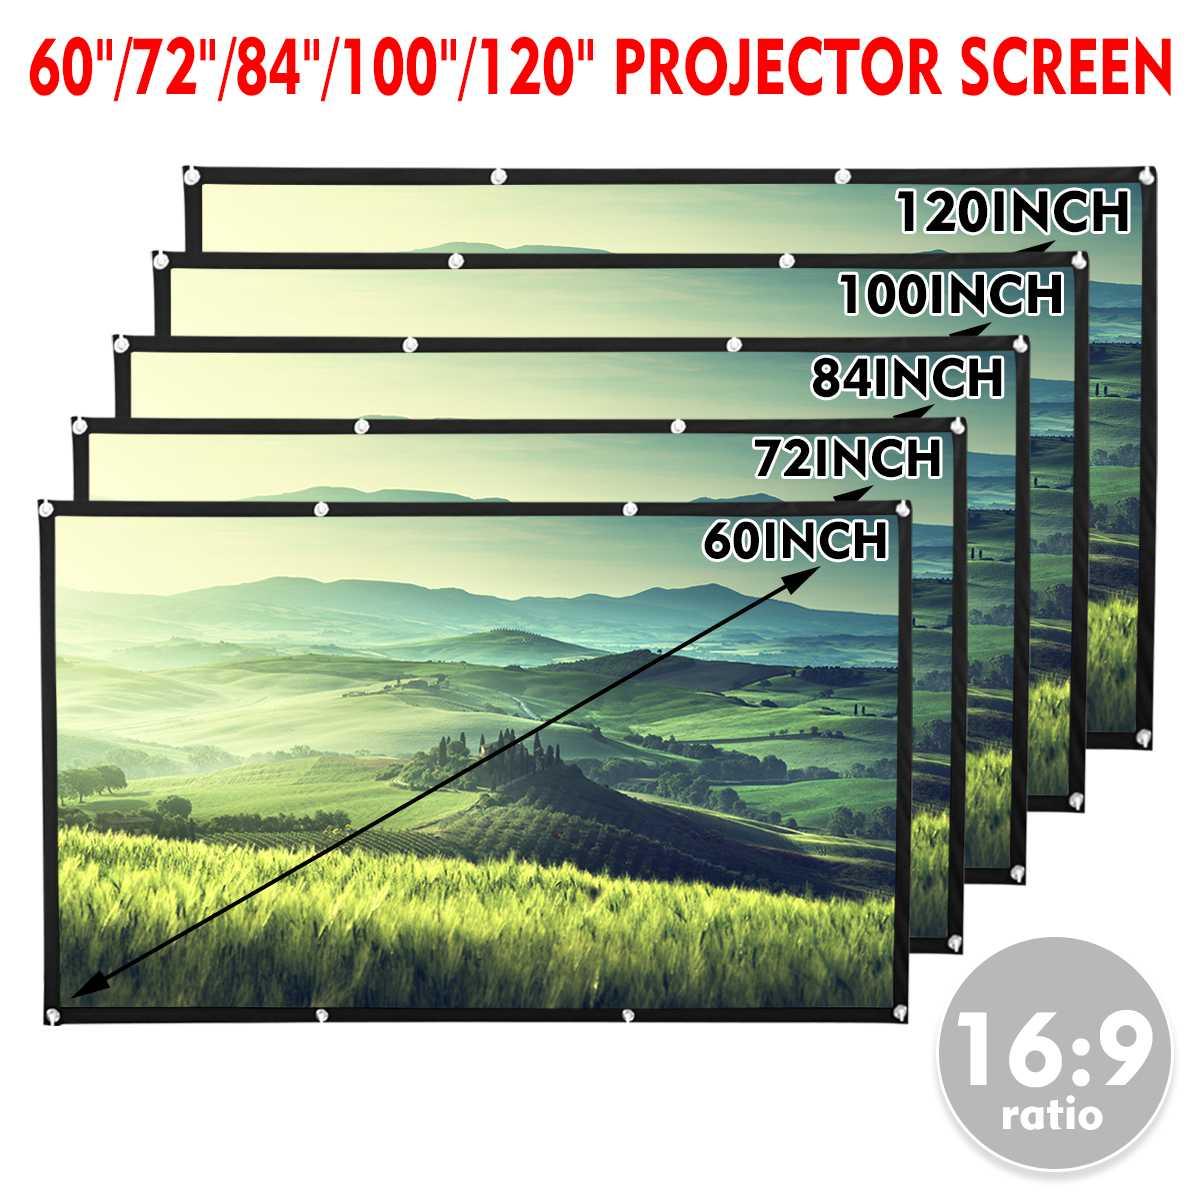 60 72 84 100 120 ''портативный складной проектор экран Full HD 1080P домашний кинотеатр 3D Открытый кинотеатр проекционный экран холст